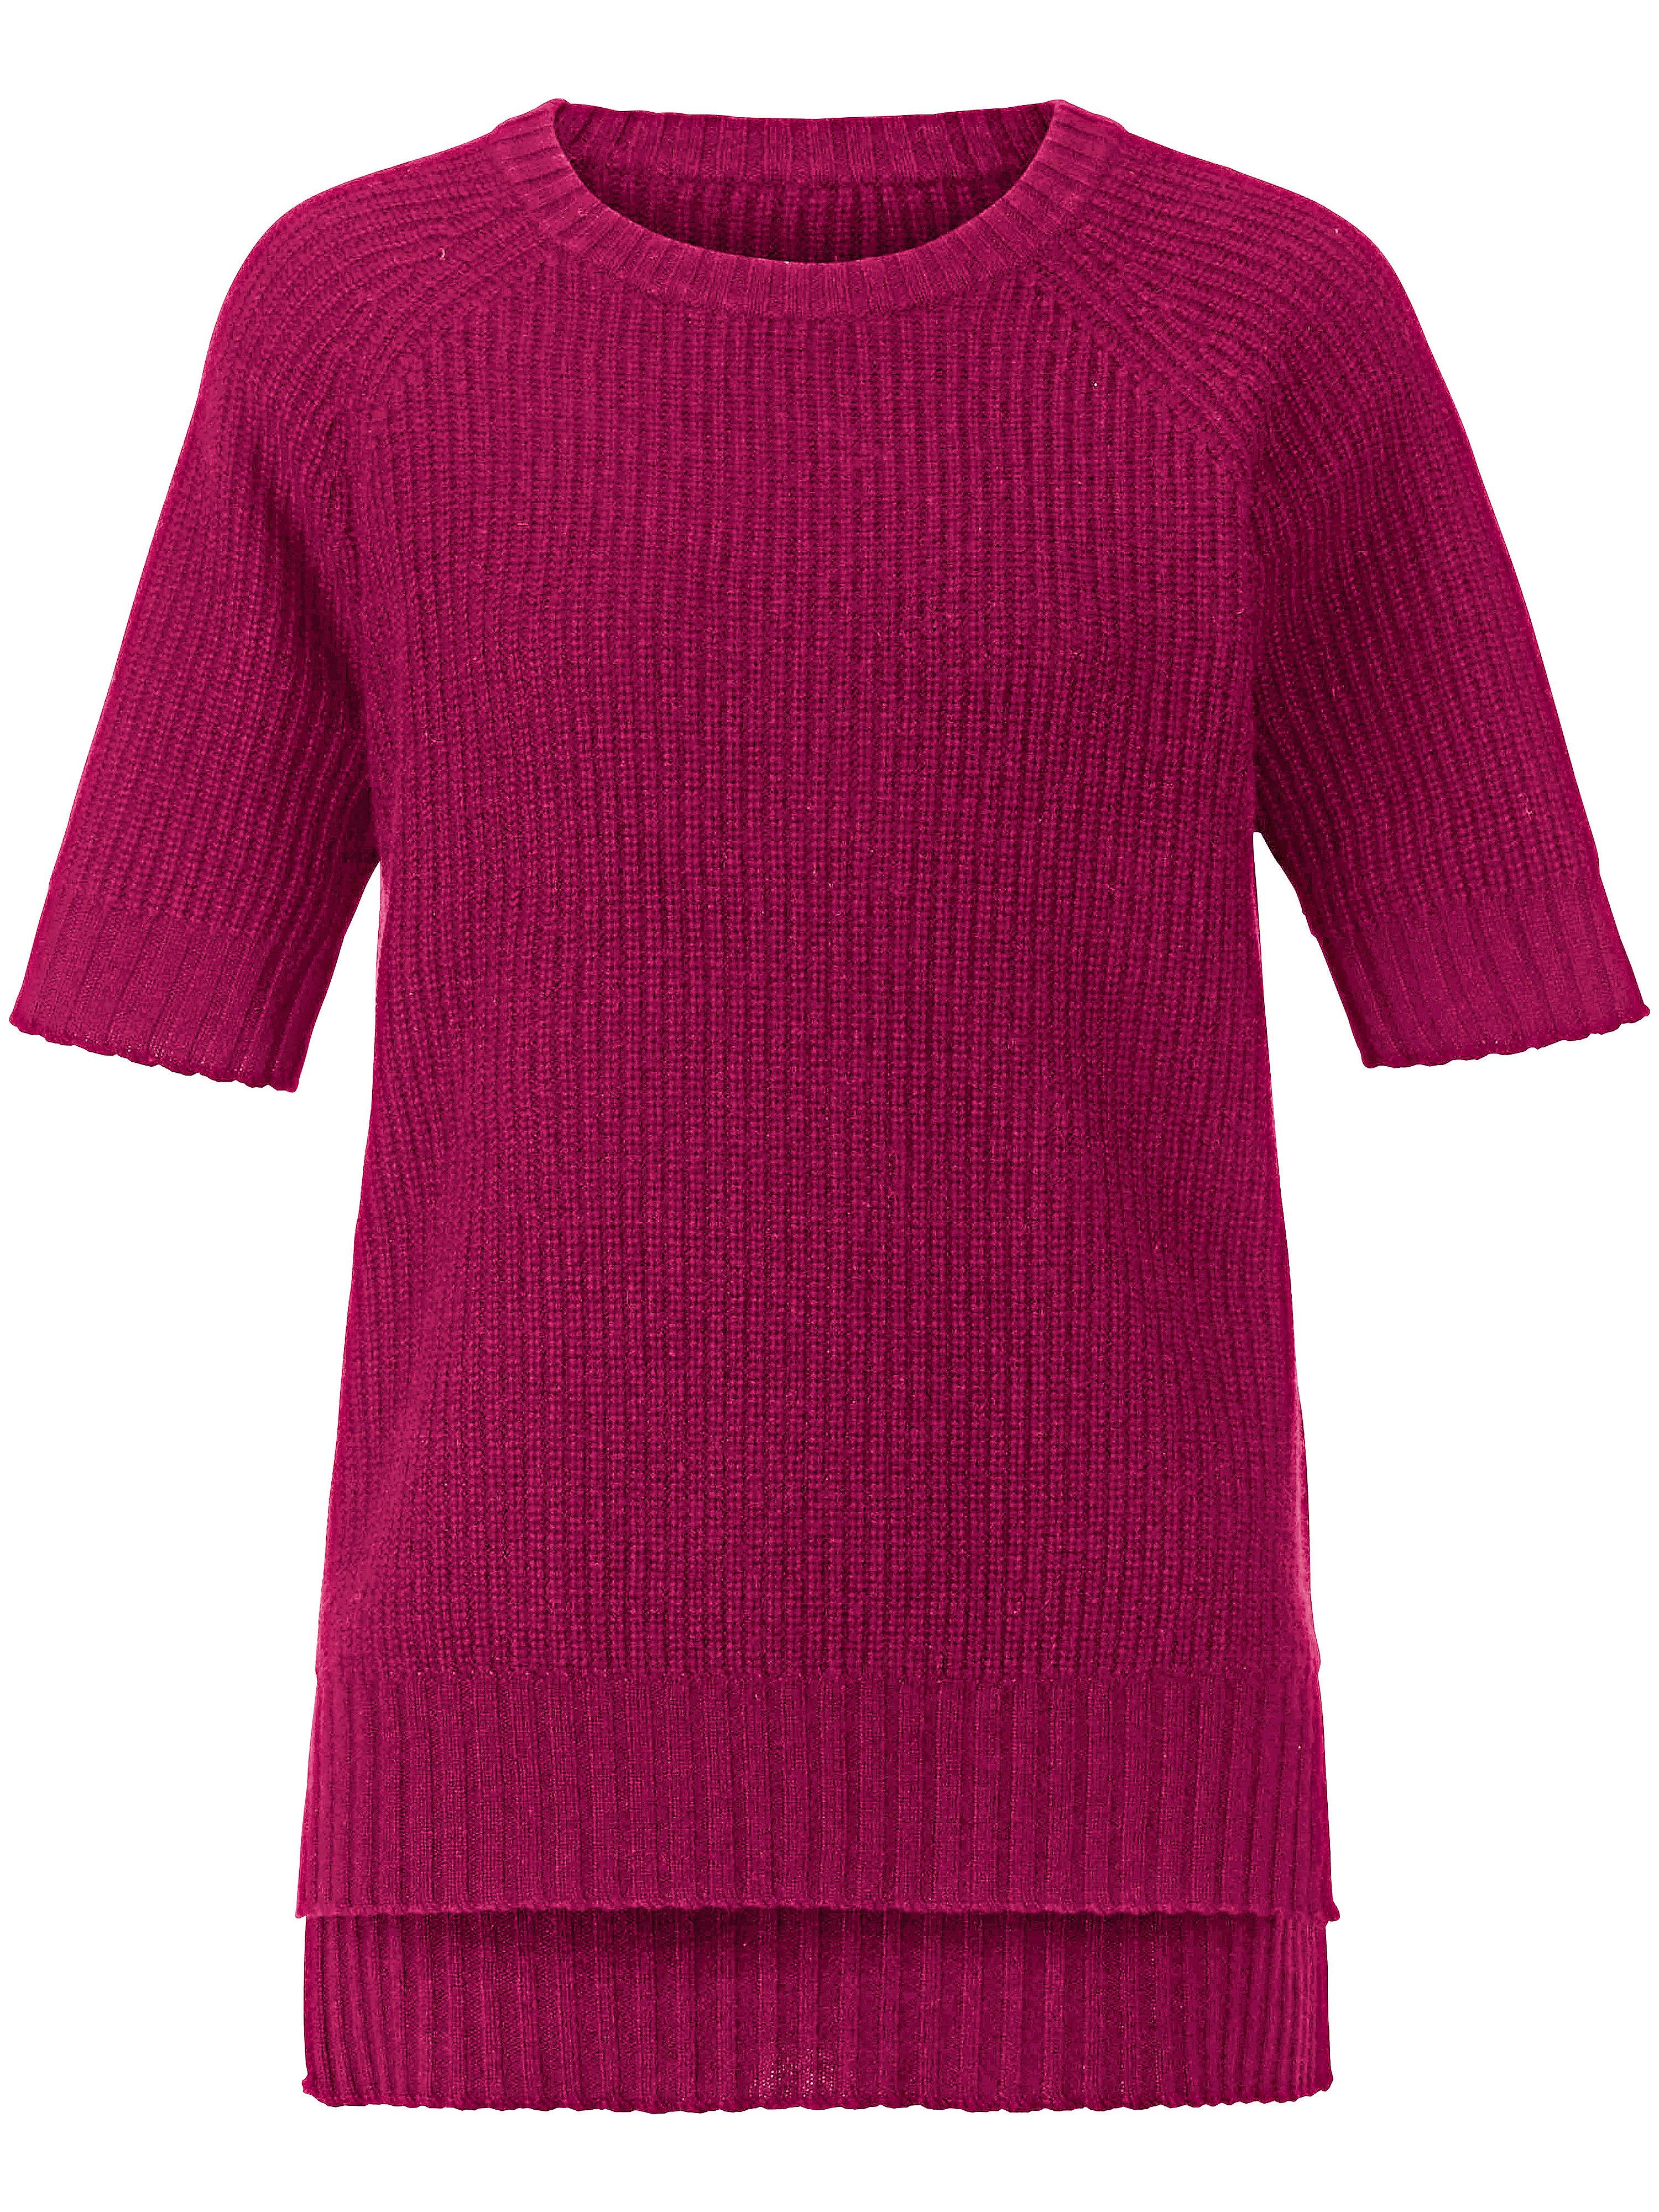 Image of   Bluse silke kashmir Fra Peter Hahn pink